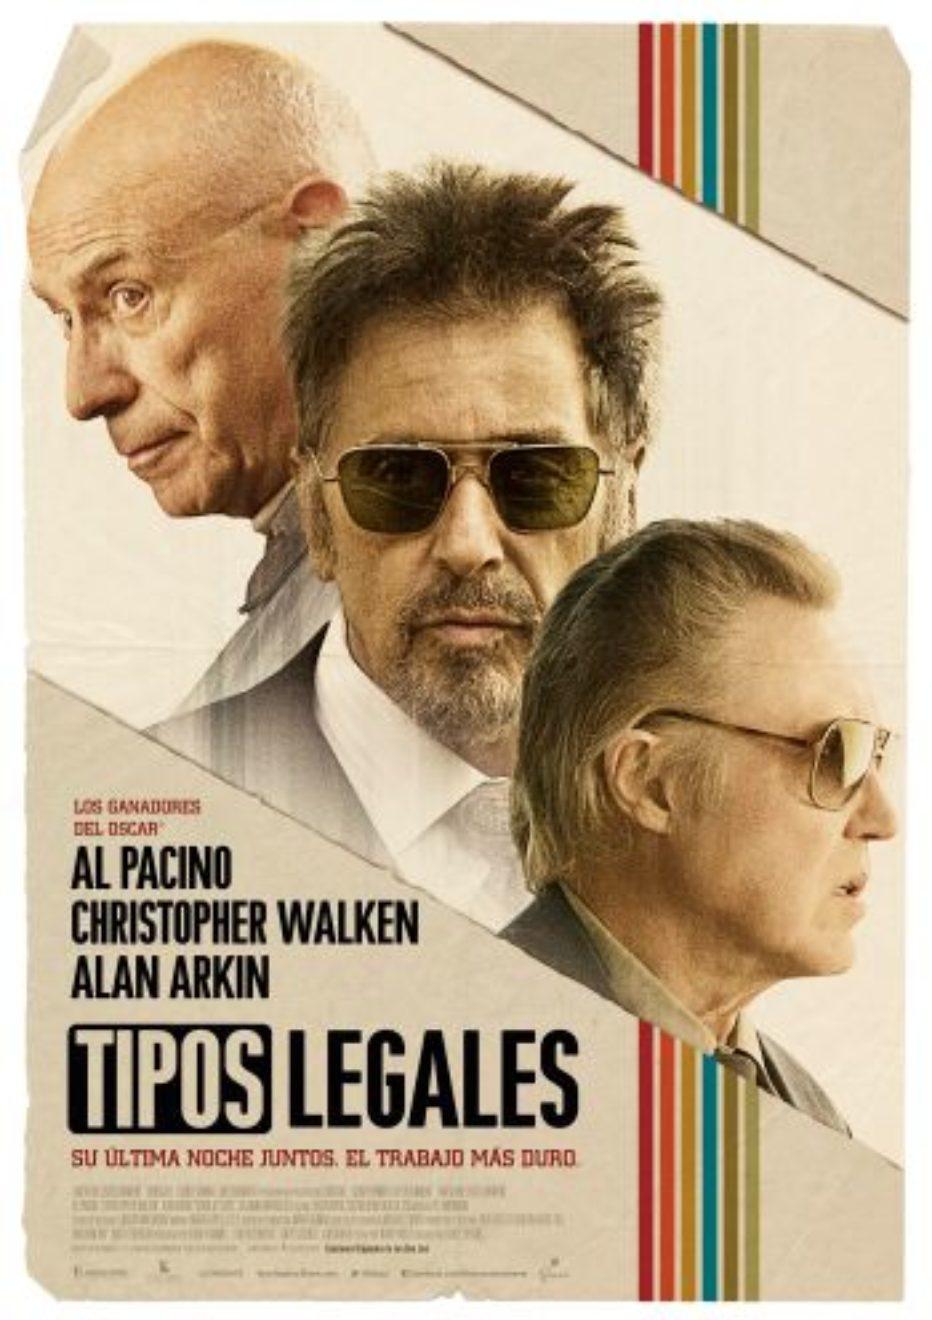 TIPOS LEGALES: LOS VIEJOS ROCKEROS NUNCA MUEREN!